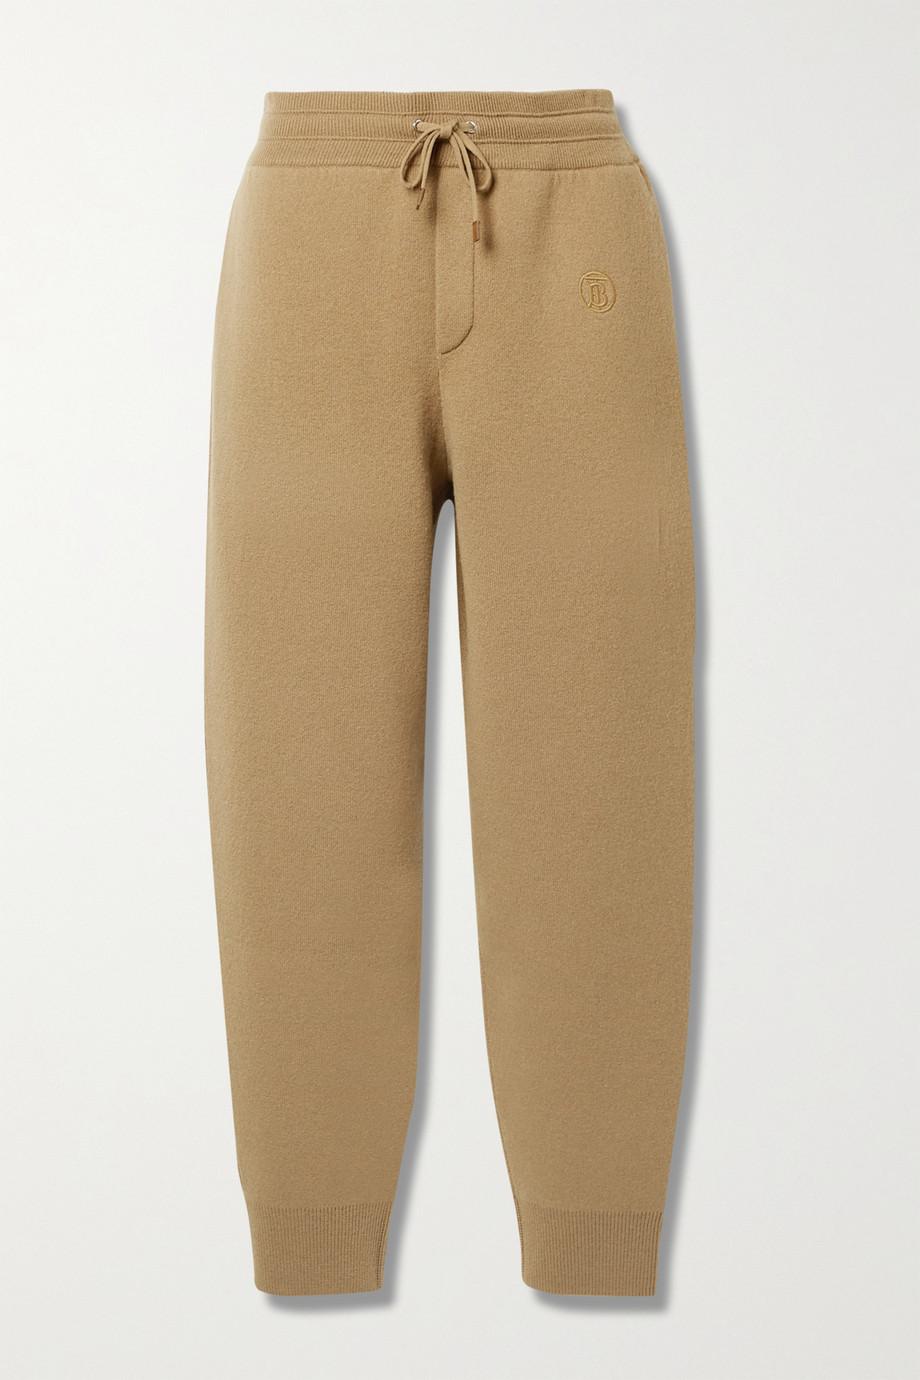 Burberry Pantalon de survêtement en cachemire mélangé